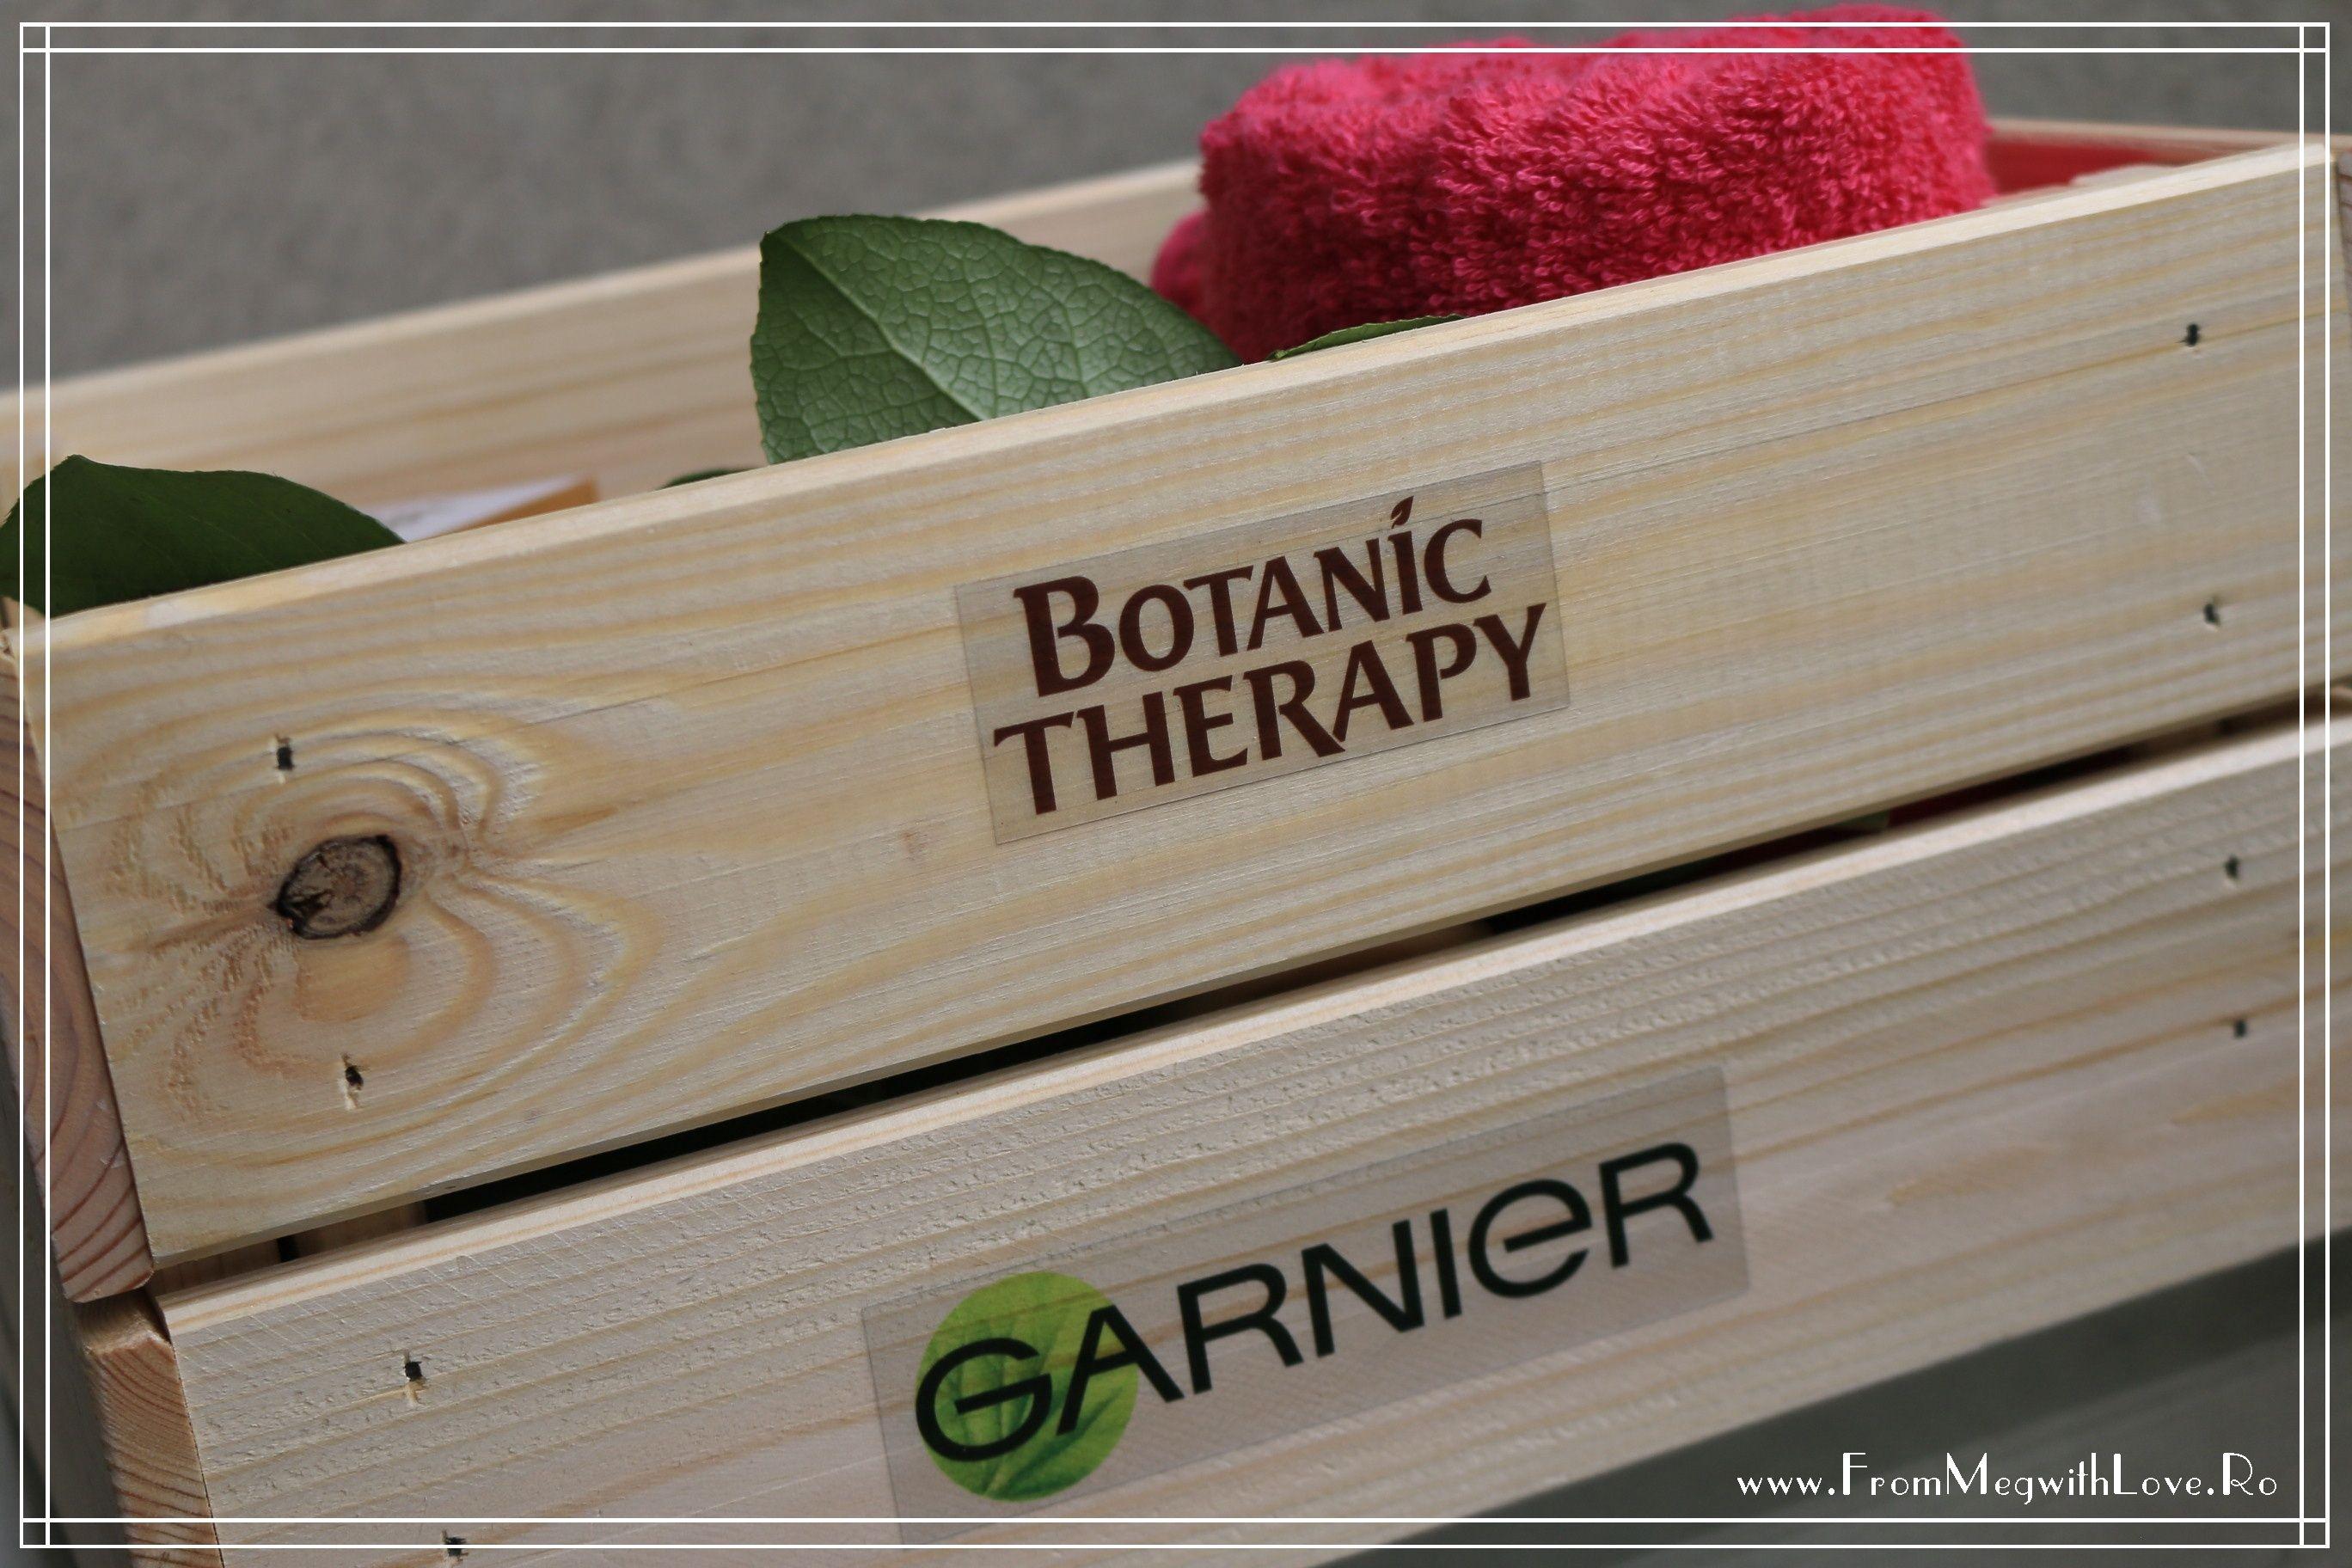 botanic therapy garnier (6)